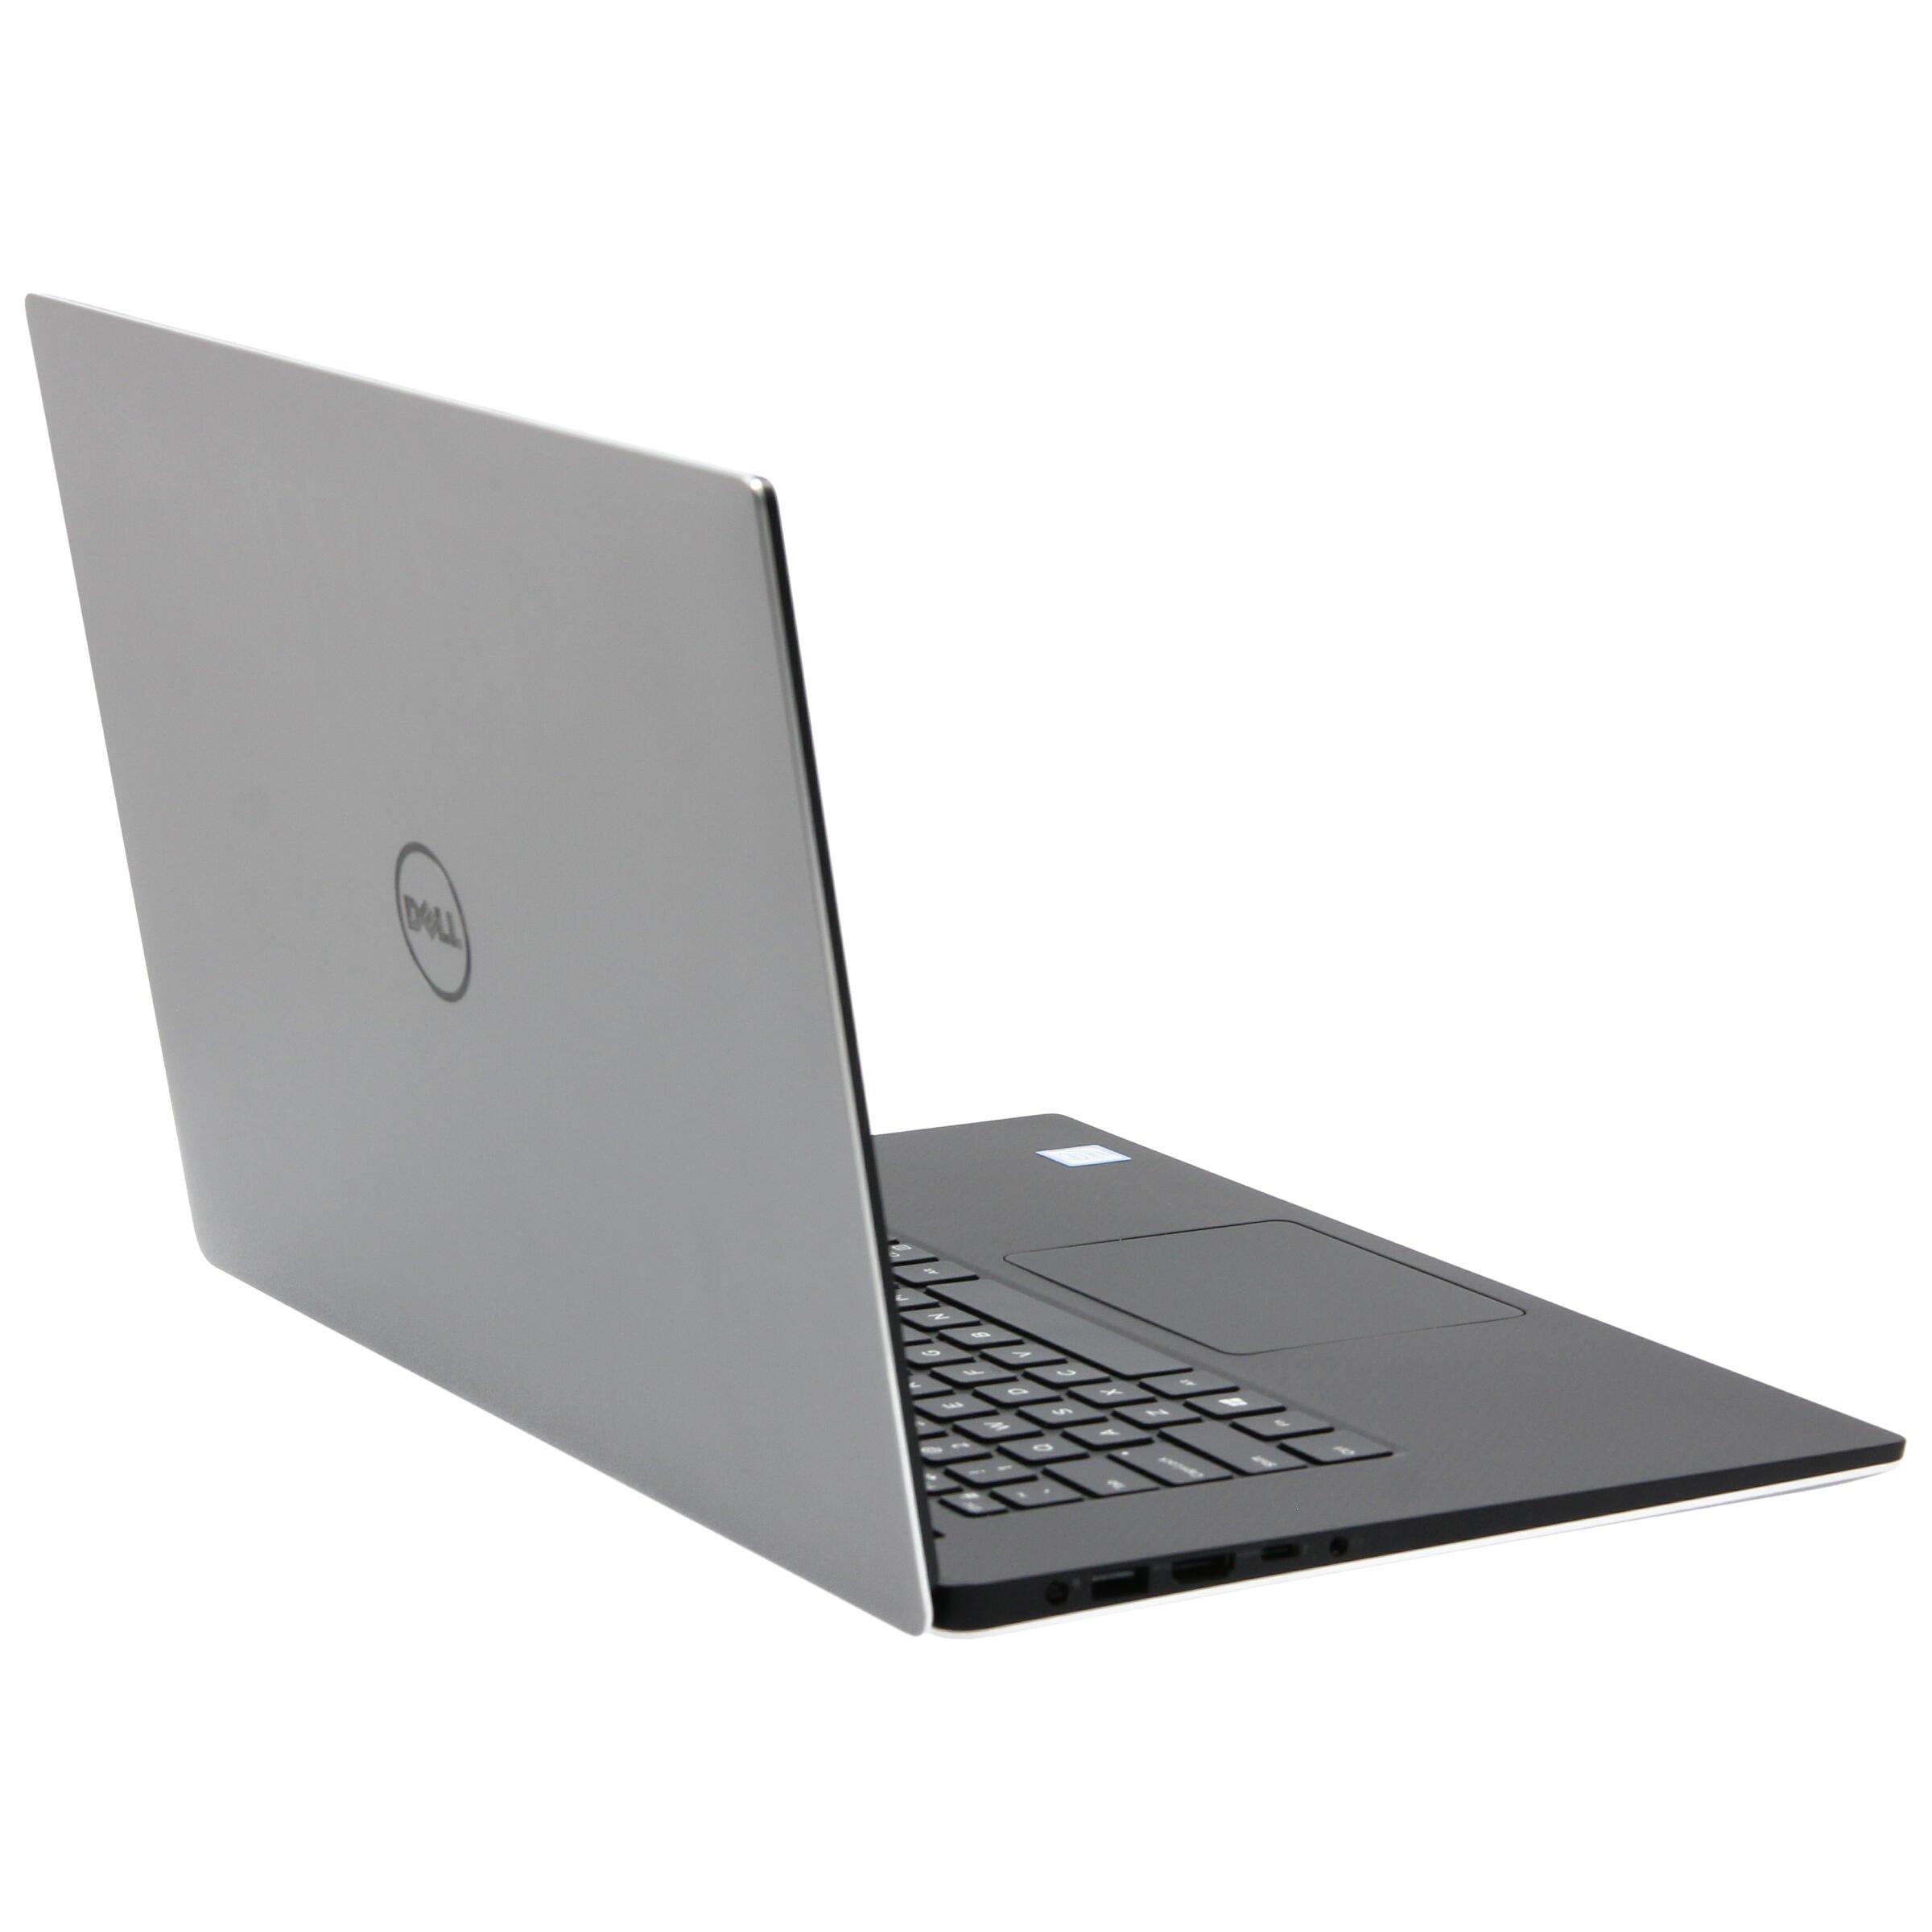 Mobilne stacje robocze laptopy dla programistów